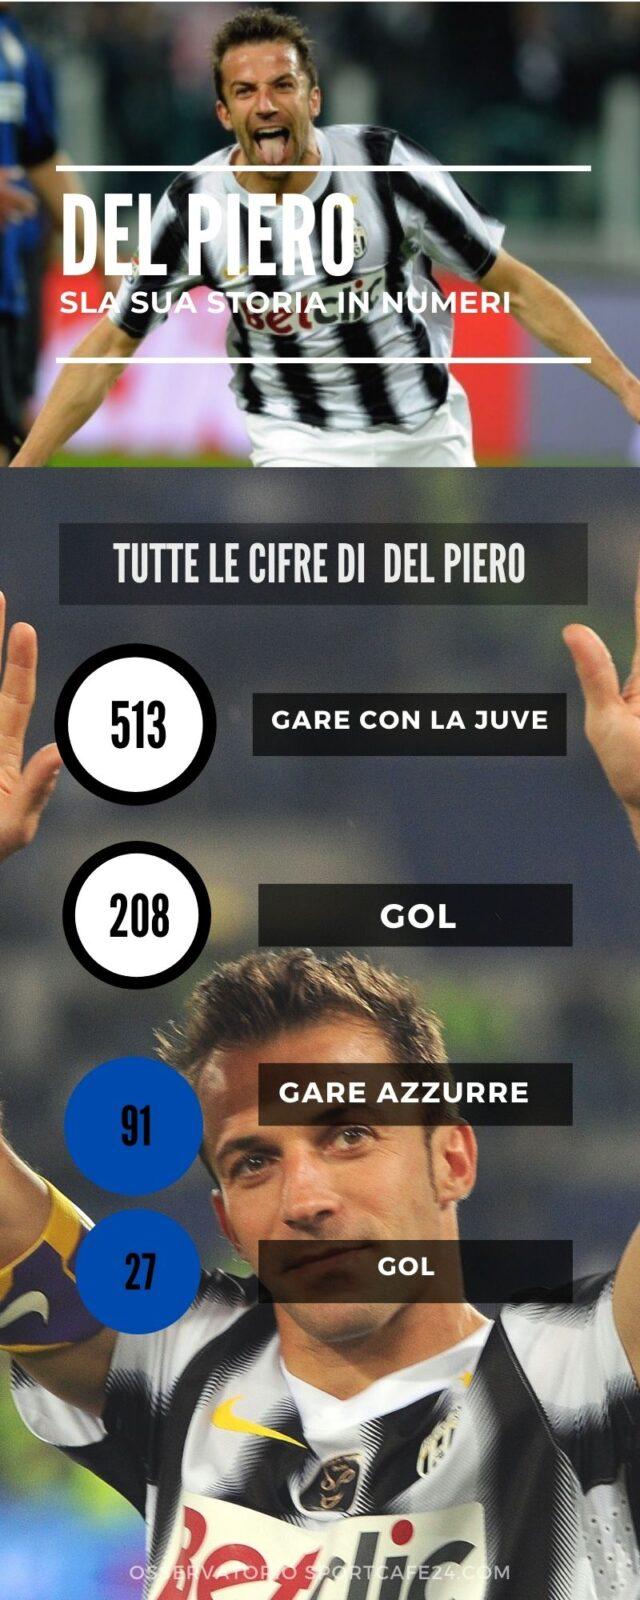 Baggio e Del Piero: amici-rivali